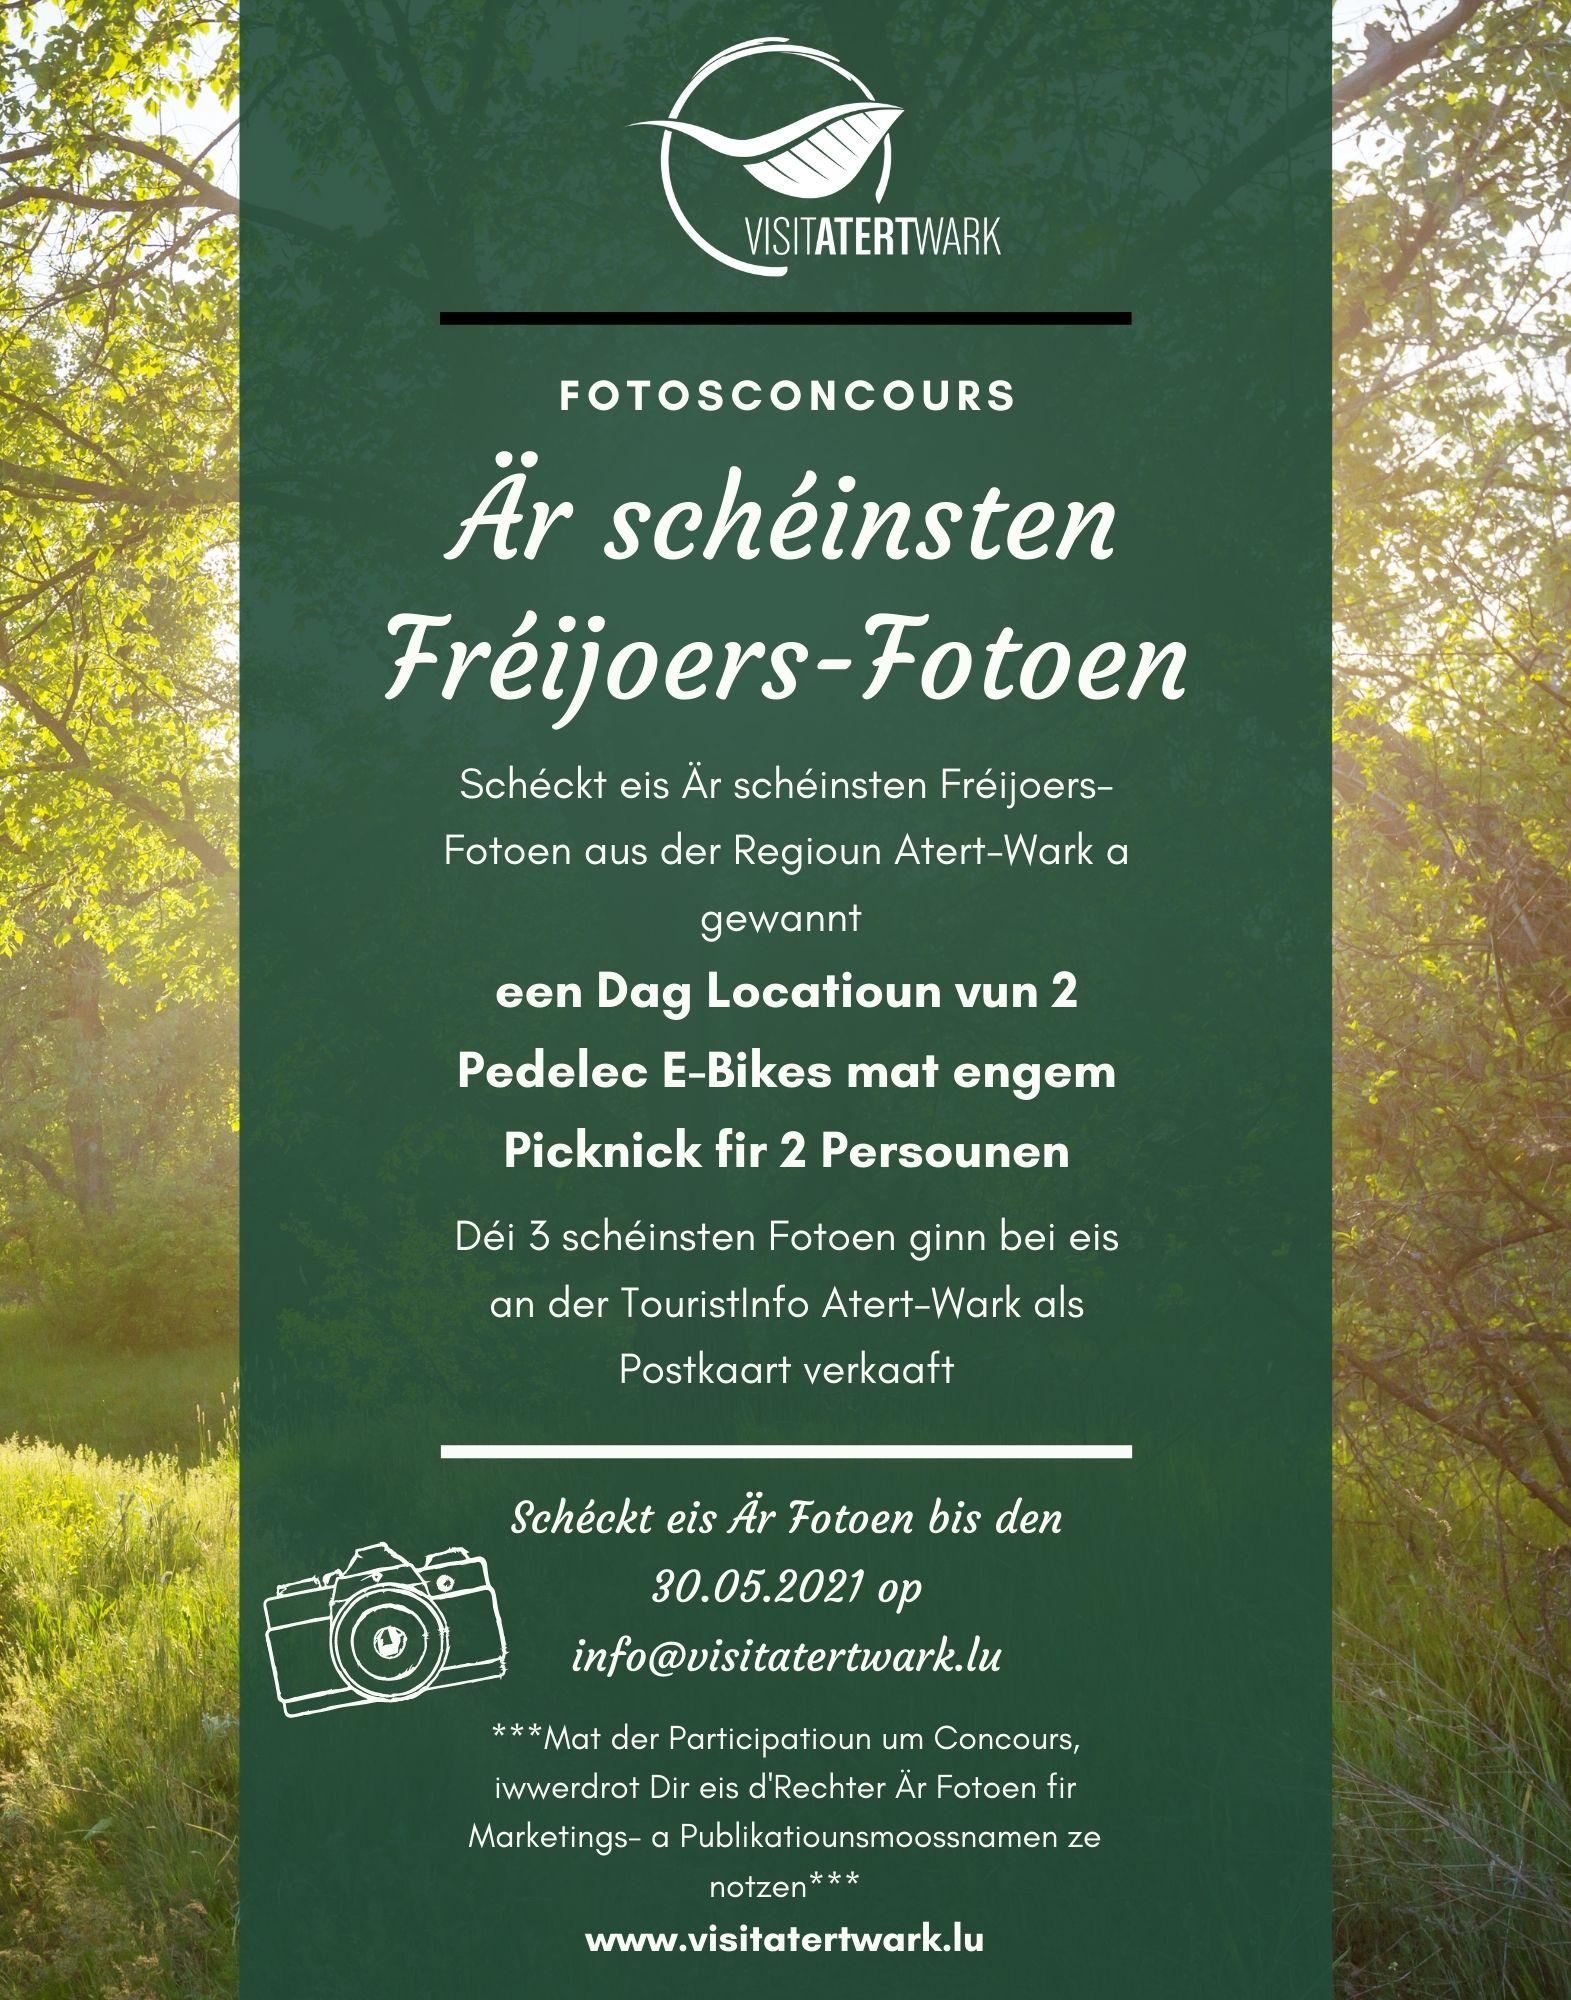 Fotosconcours - Är schéinsten Fréijoers-Fotoen